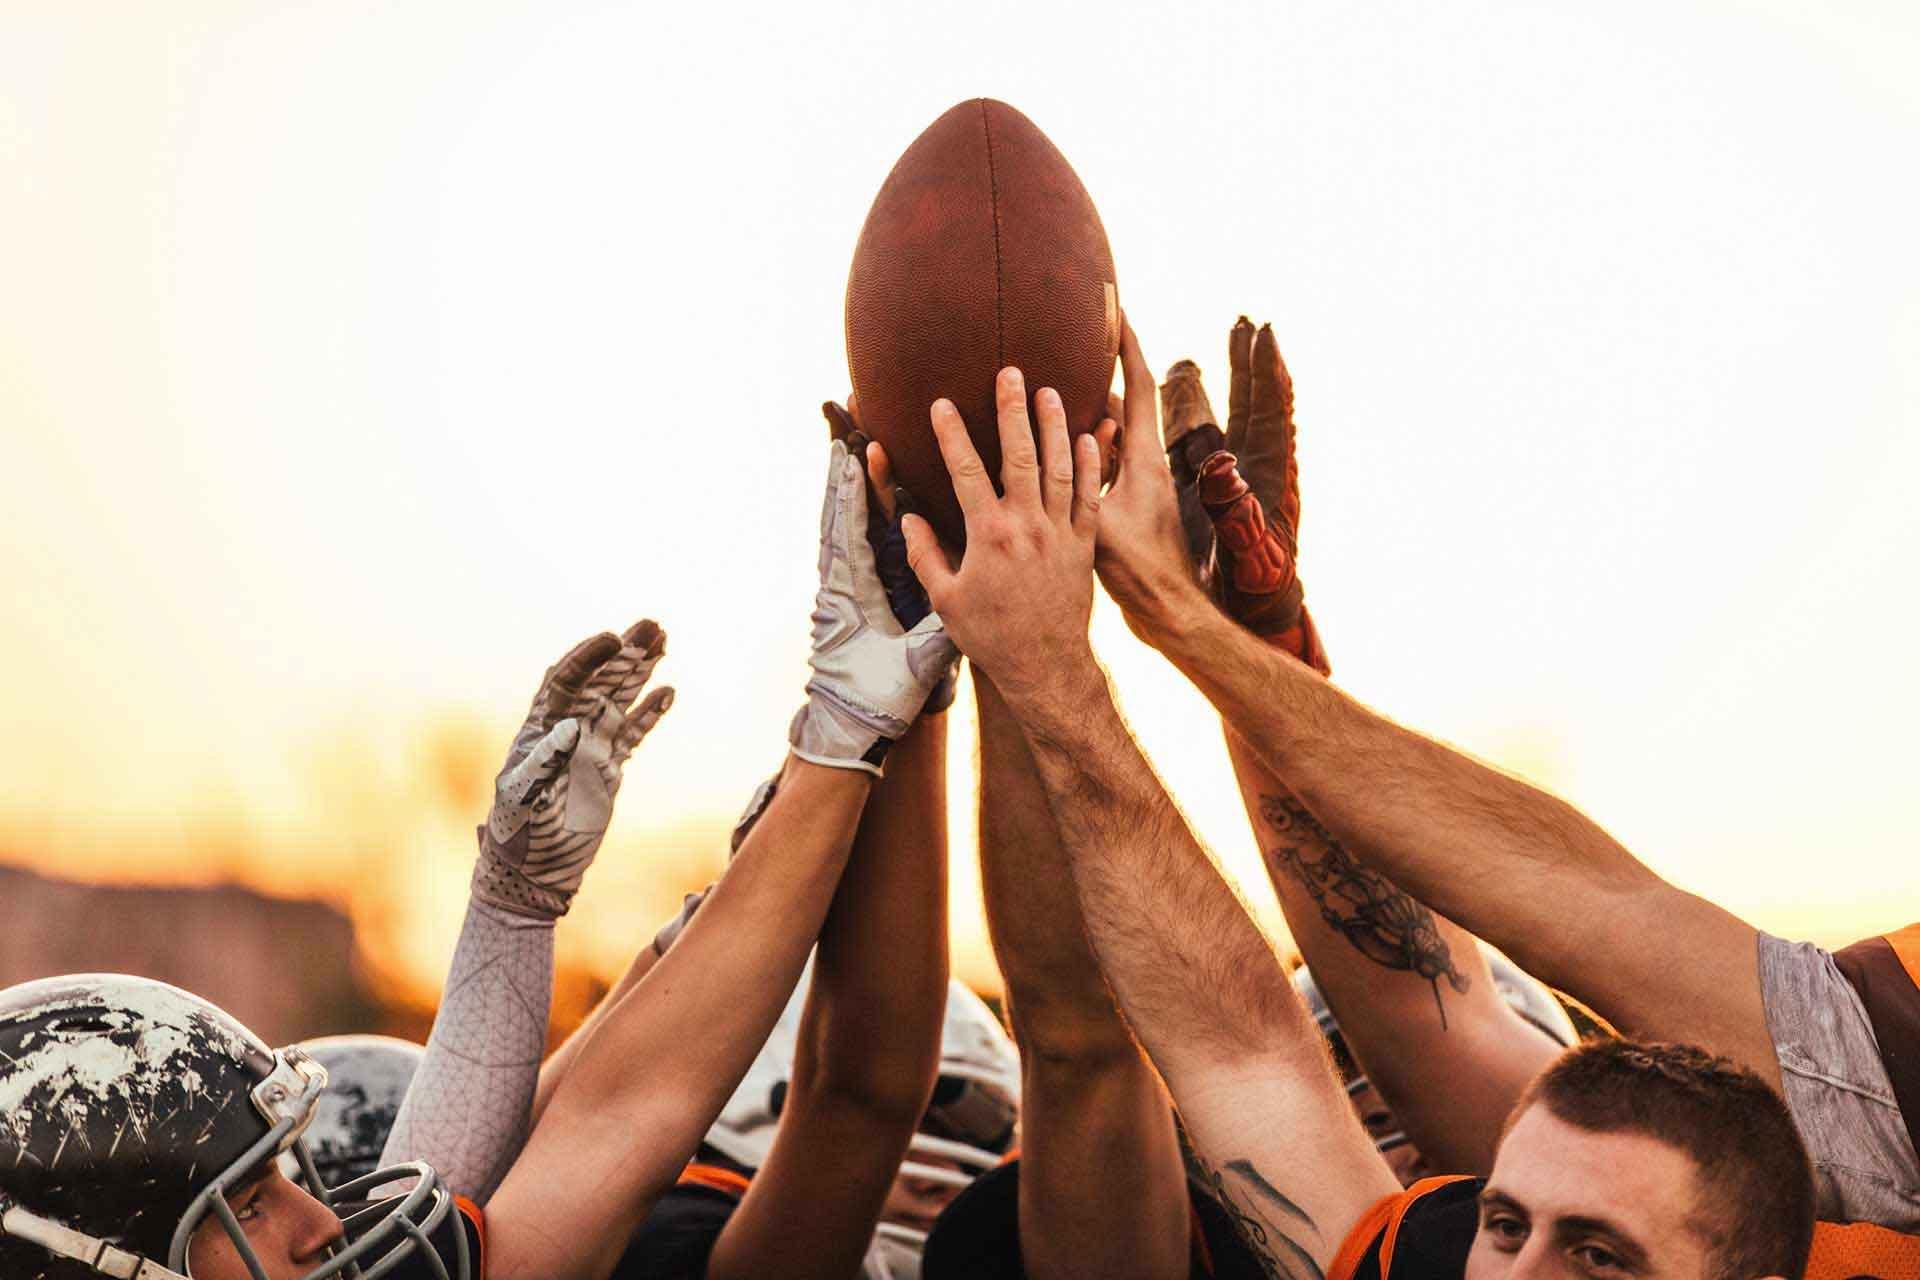 Team motivation ideas from Super Bowl-winning coach Bill Belichick.